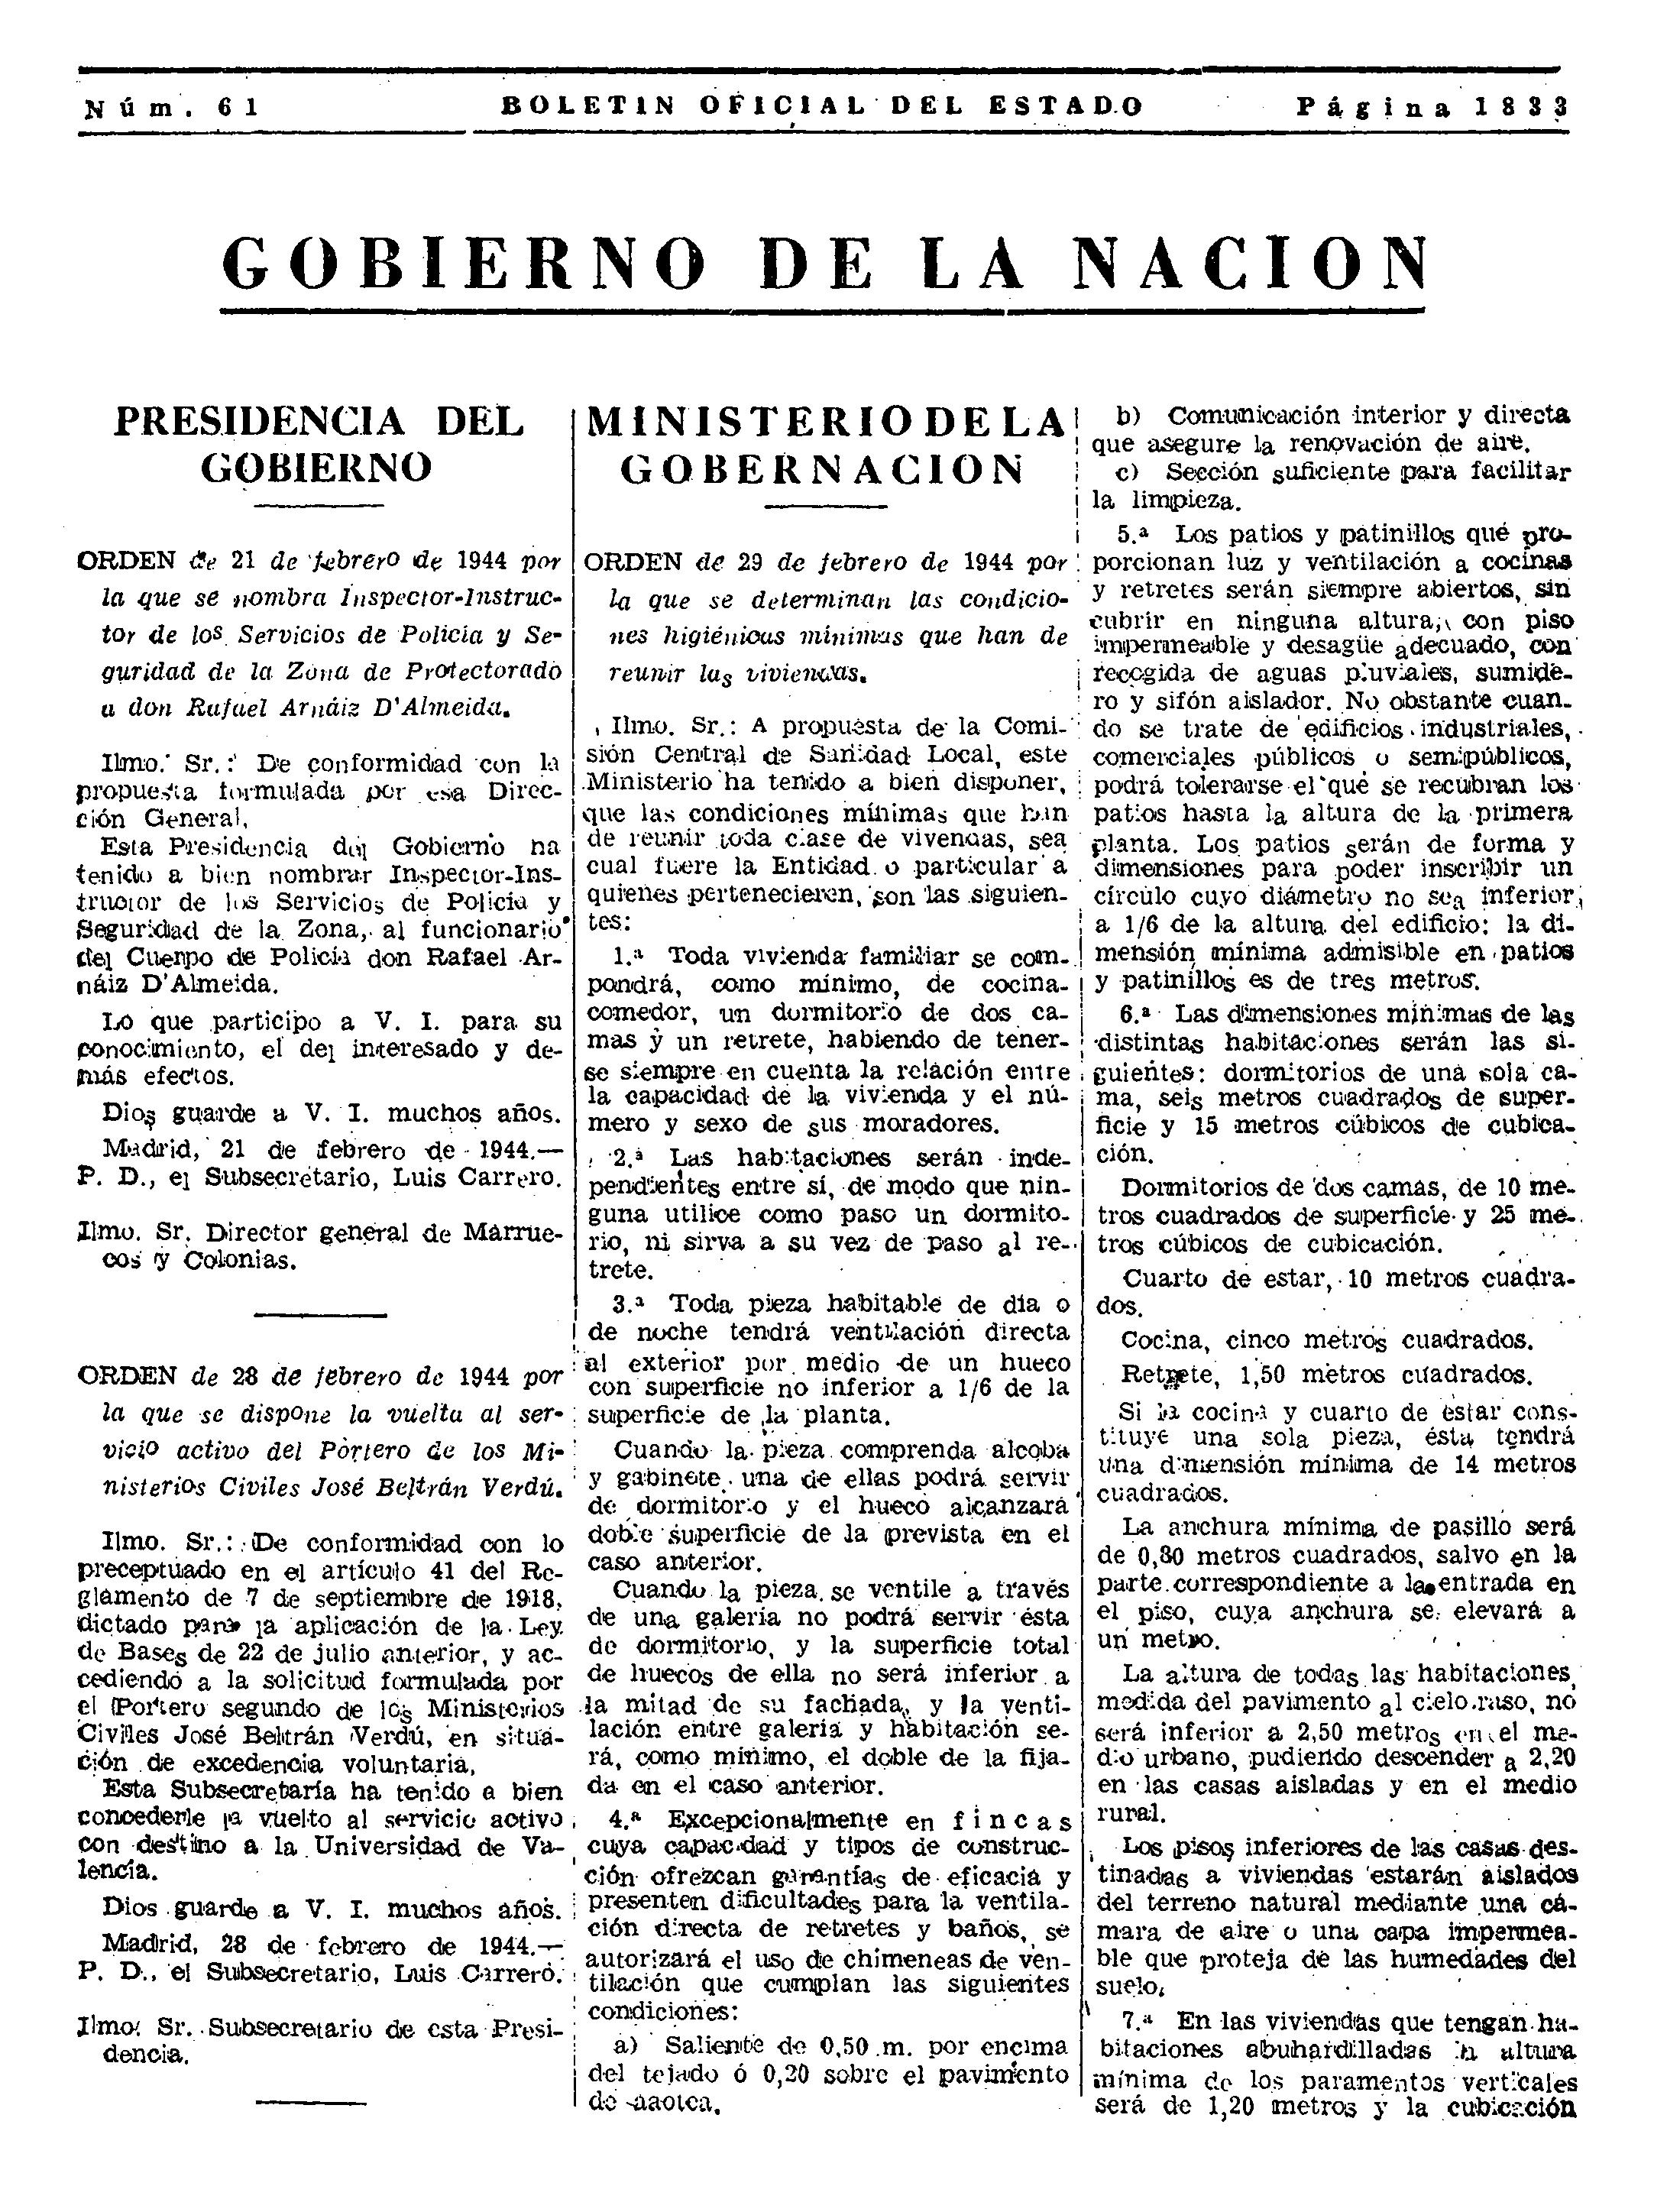 Una ley de 1944, 'culpable' de los bloques sin ascensor